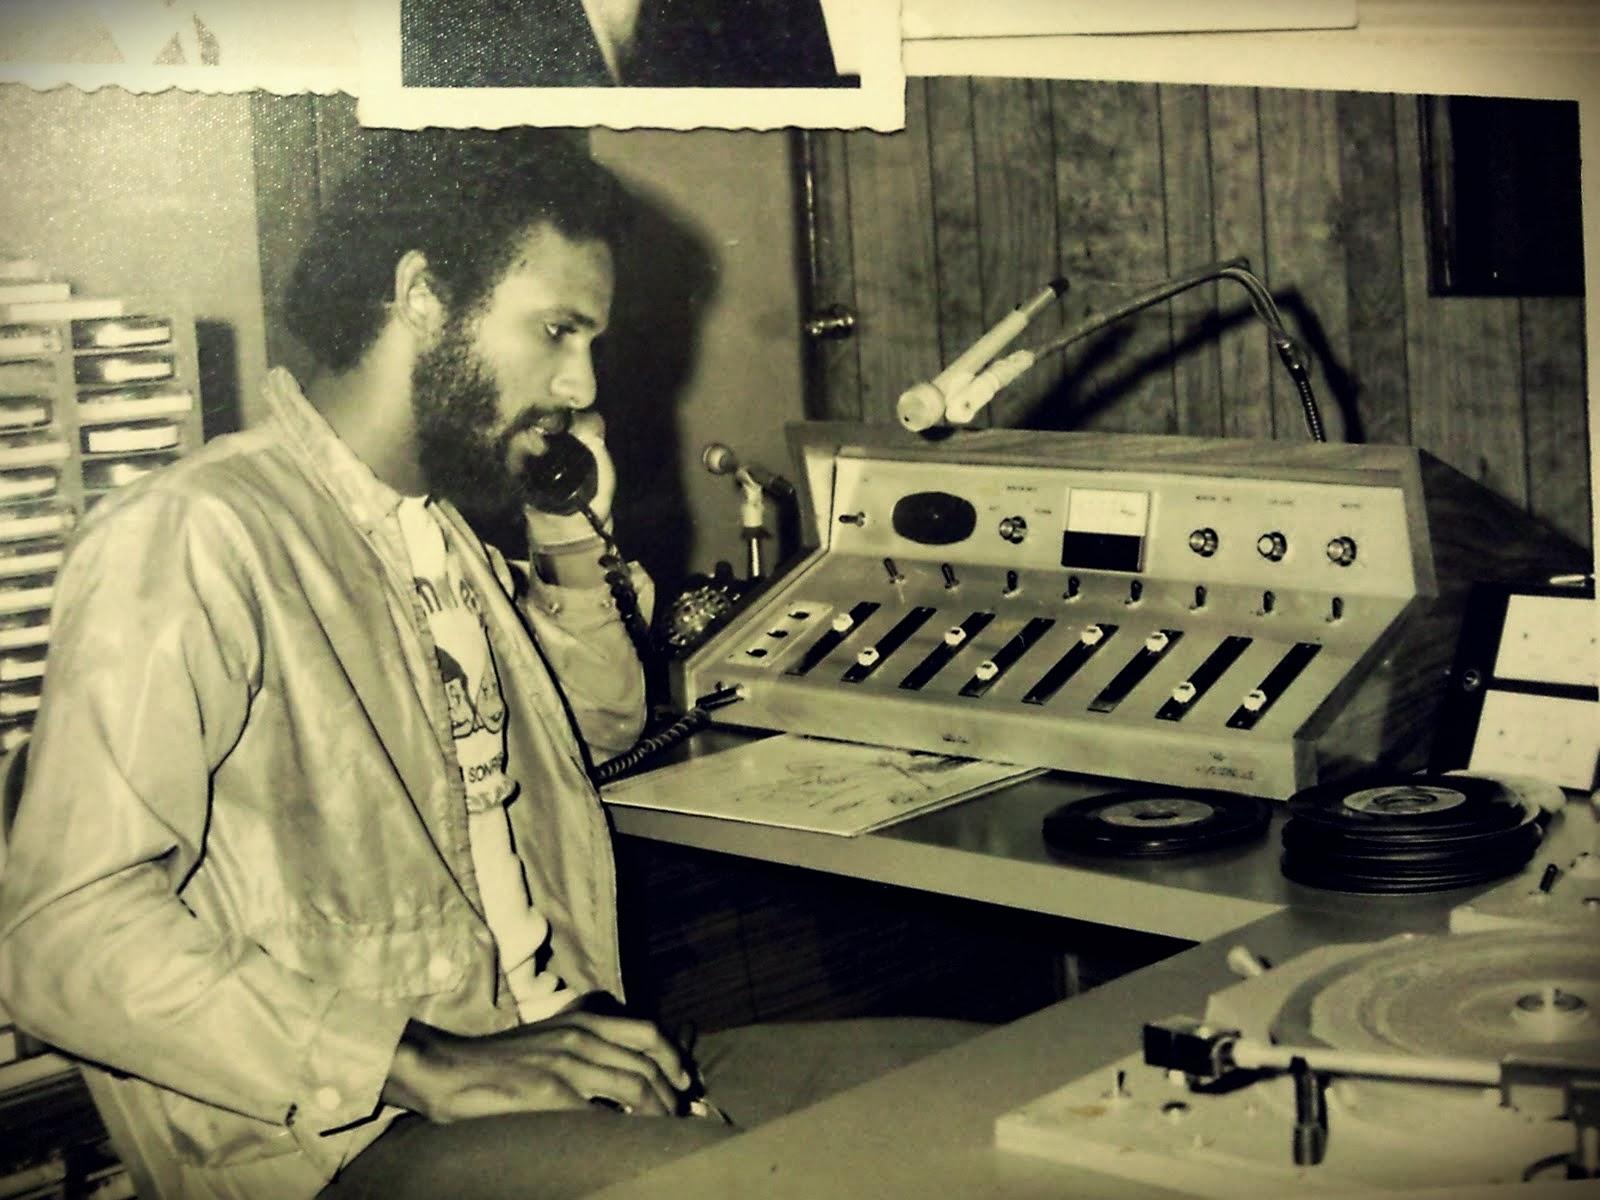 La radio terrestre fue alguna vez el torrente sanguíneo de la industria musical. Un poquito de tiempo al aire para una canción era suficiente para establecer a un artista, mientras que la rotación diaria y continua era seguro que garantizaba el éxito a largo plazo del artista.